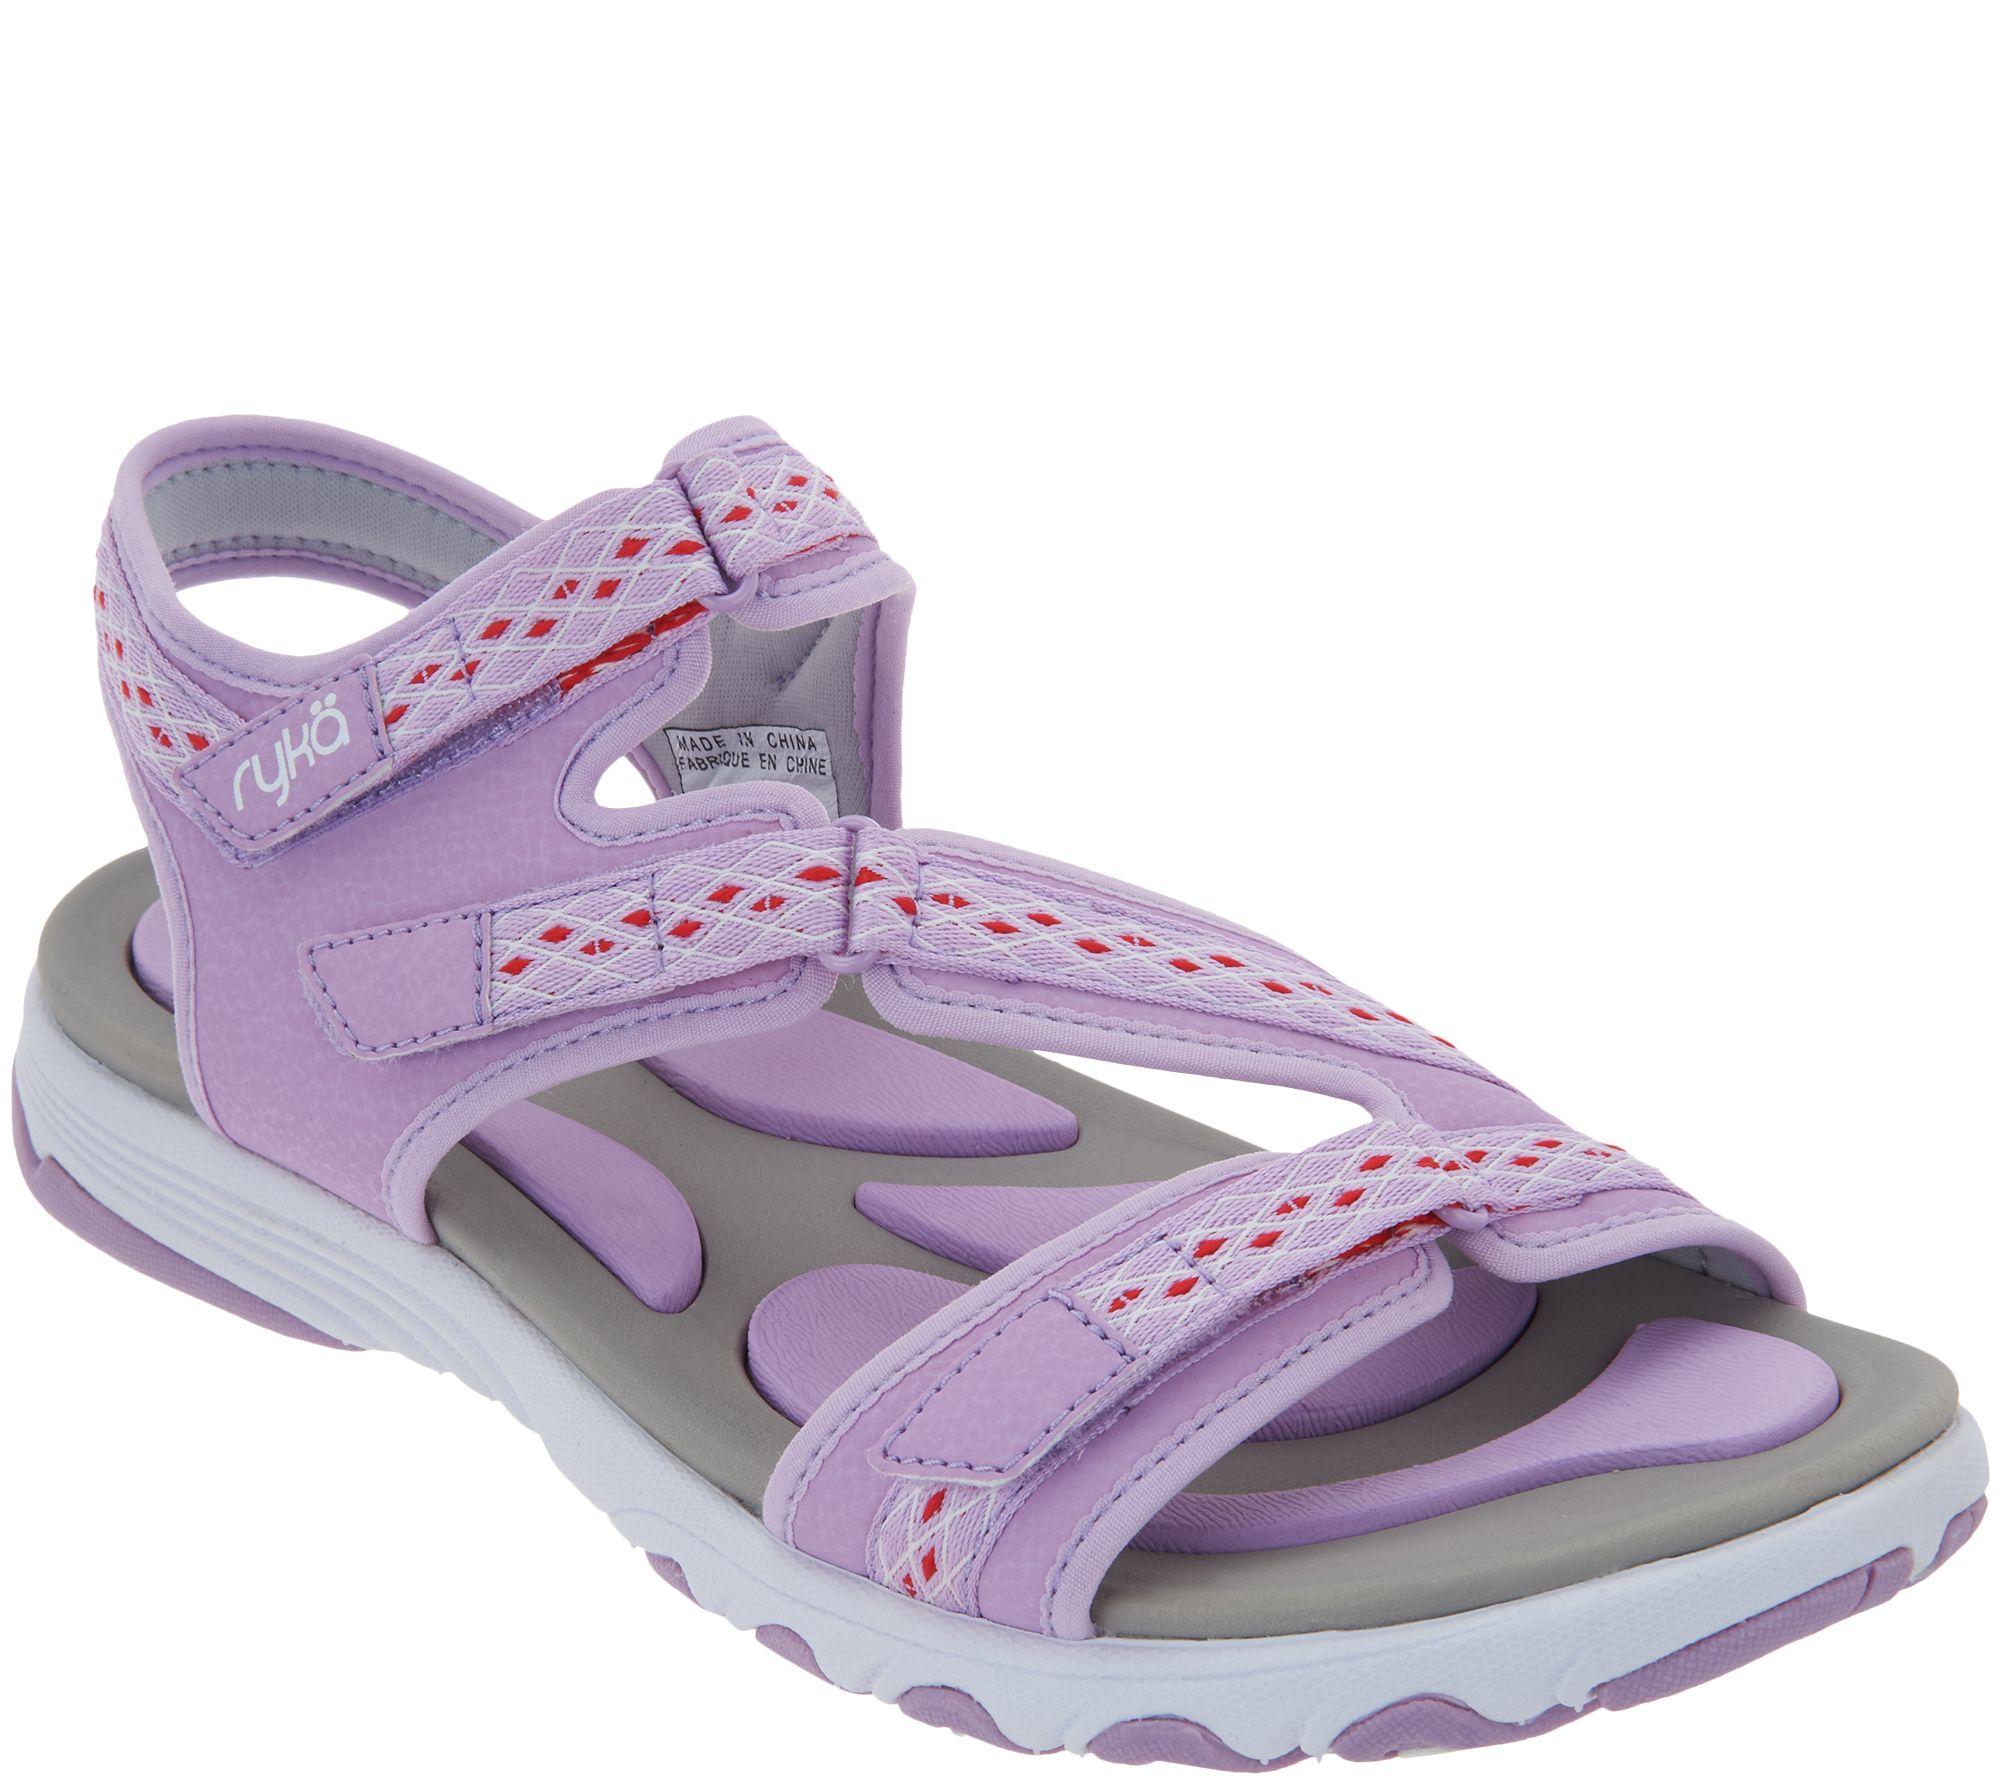 Ginger Sandals Sport Adjustable Ryka — LUqSMjzpVG